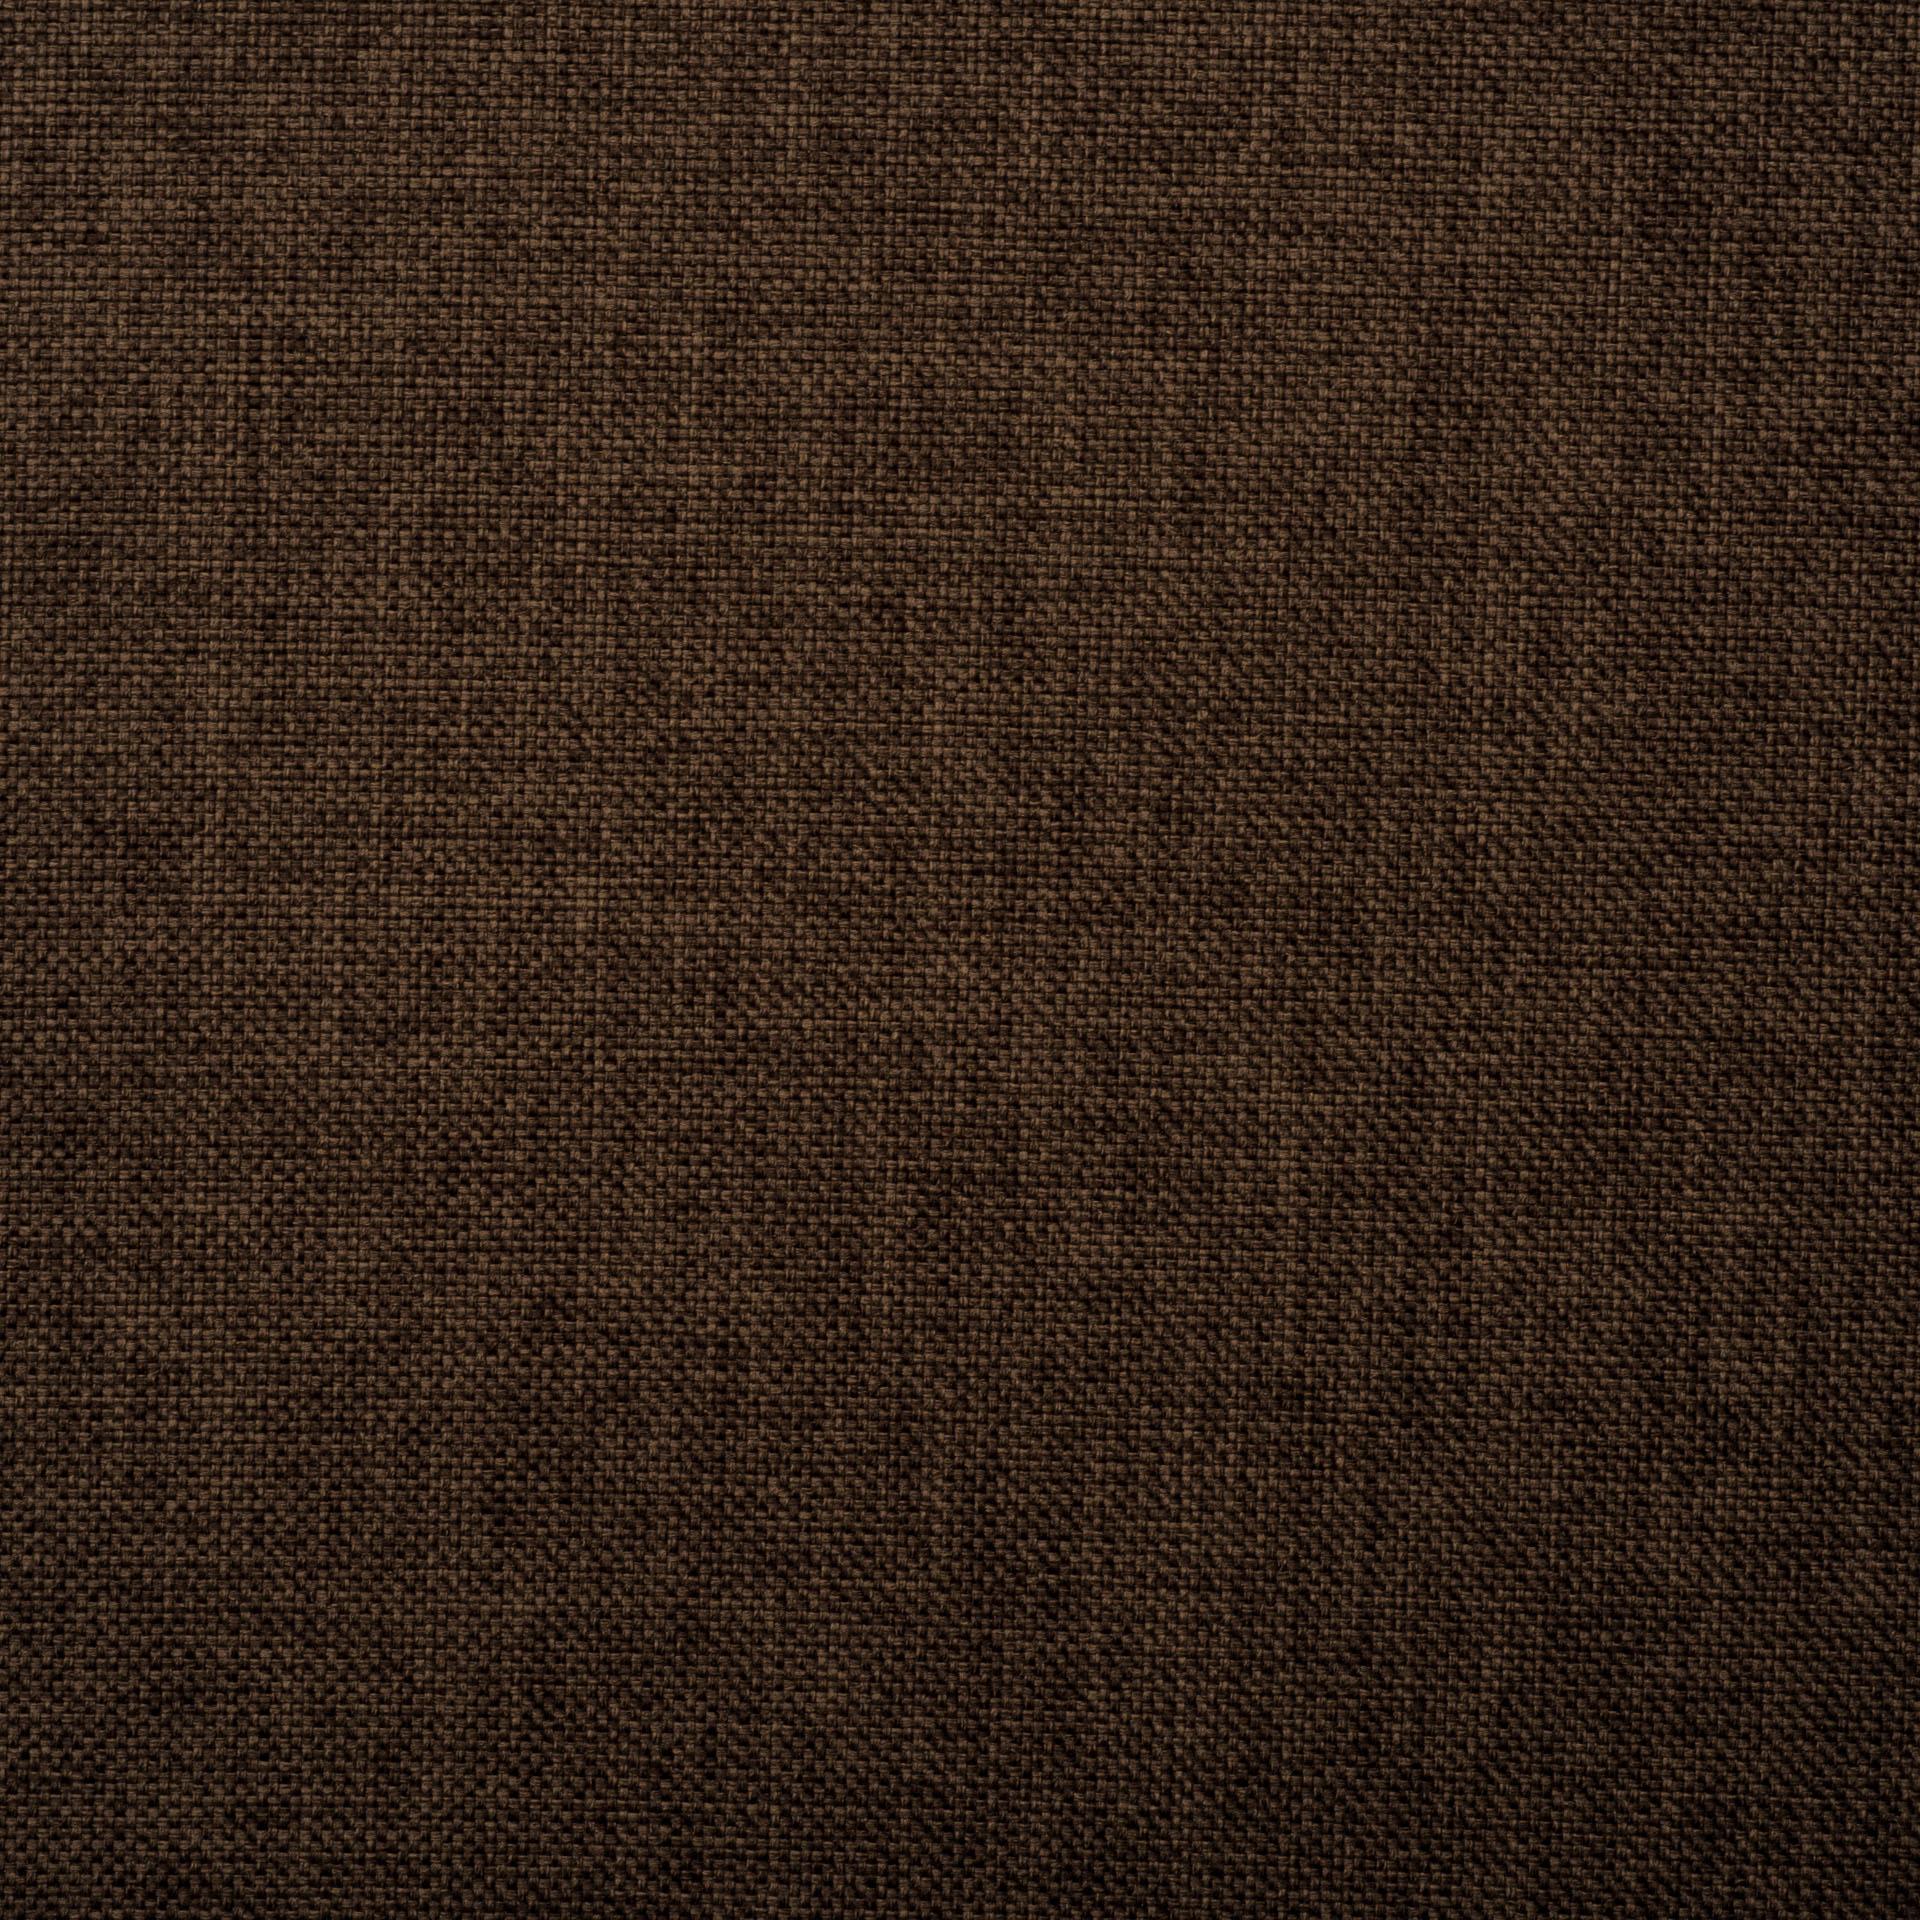 Коллекция ткани Саванна COFFEE 04,  купить ткань Жаккард для мебели Украина